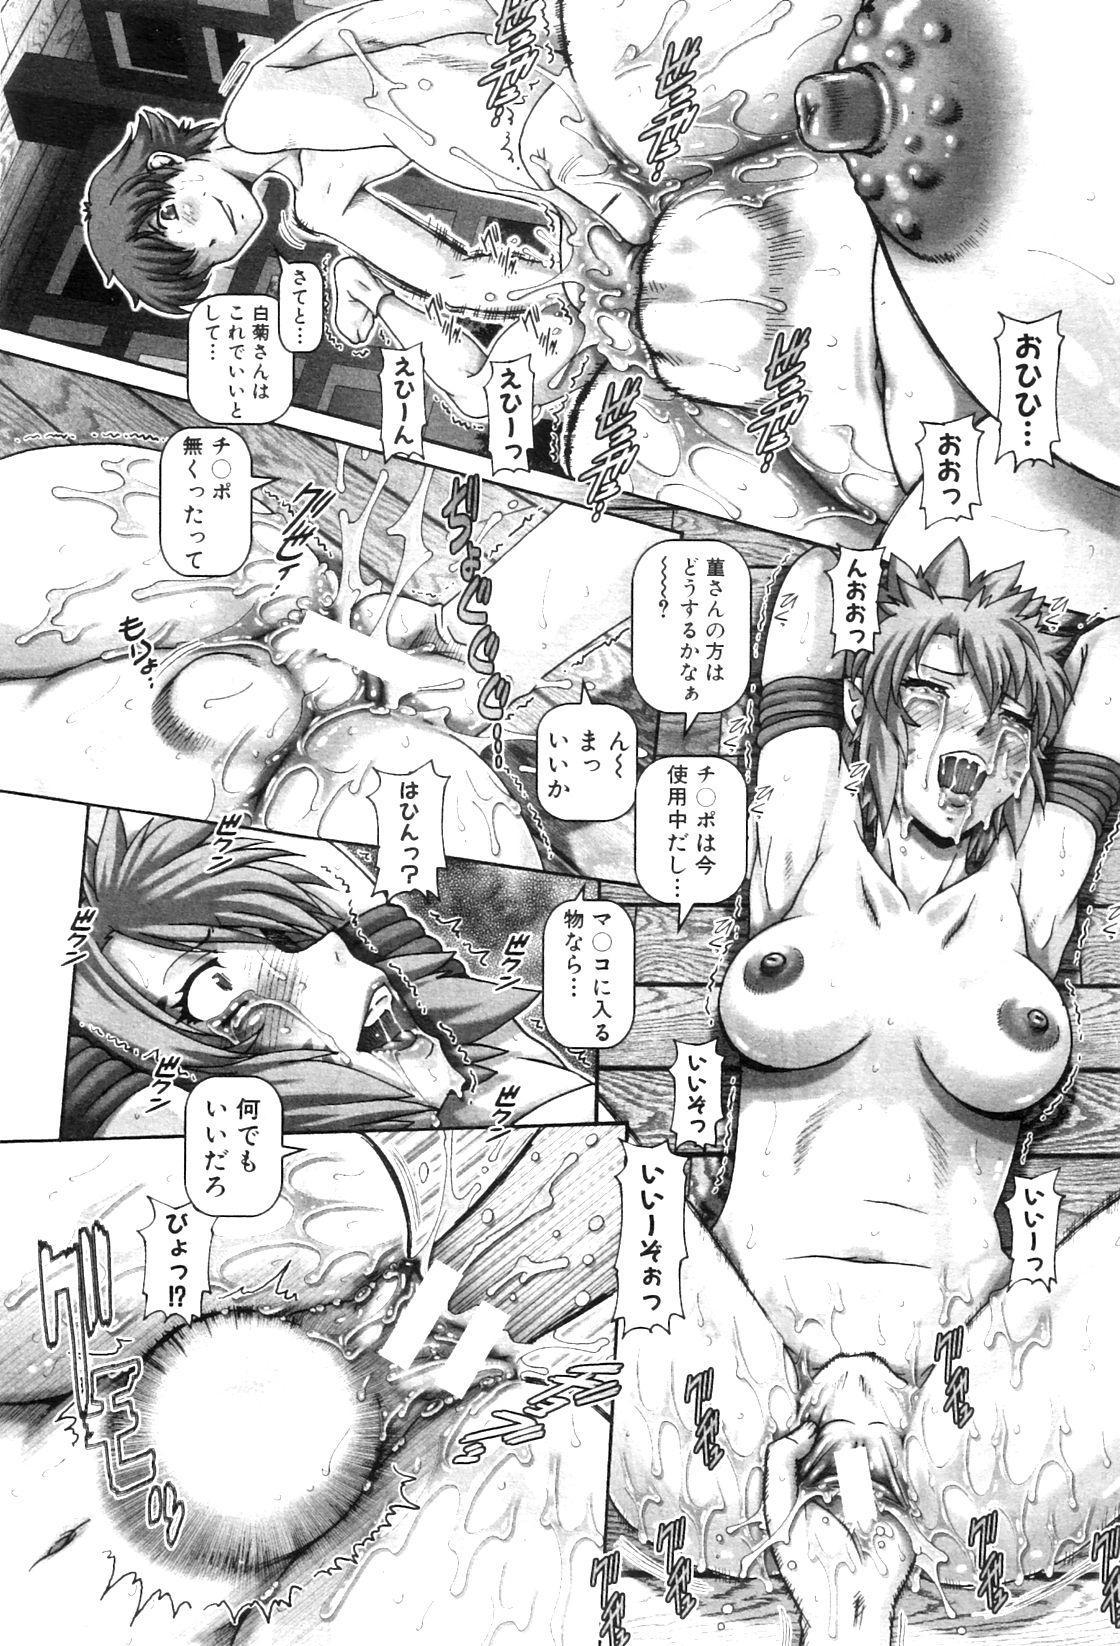 Ayakashiyakata no Tamahime 49